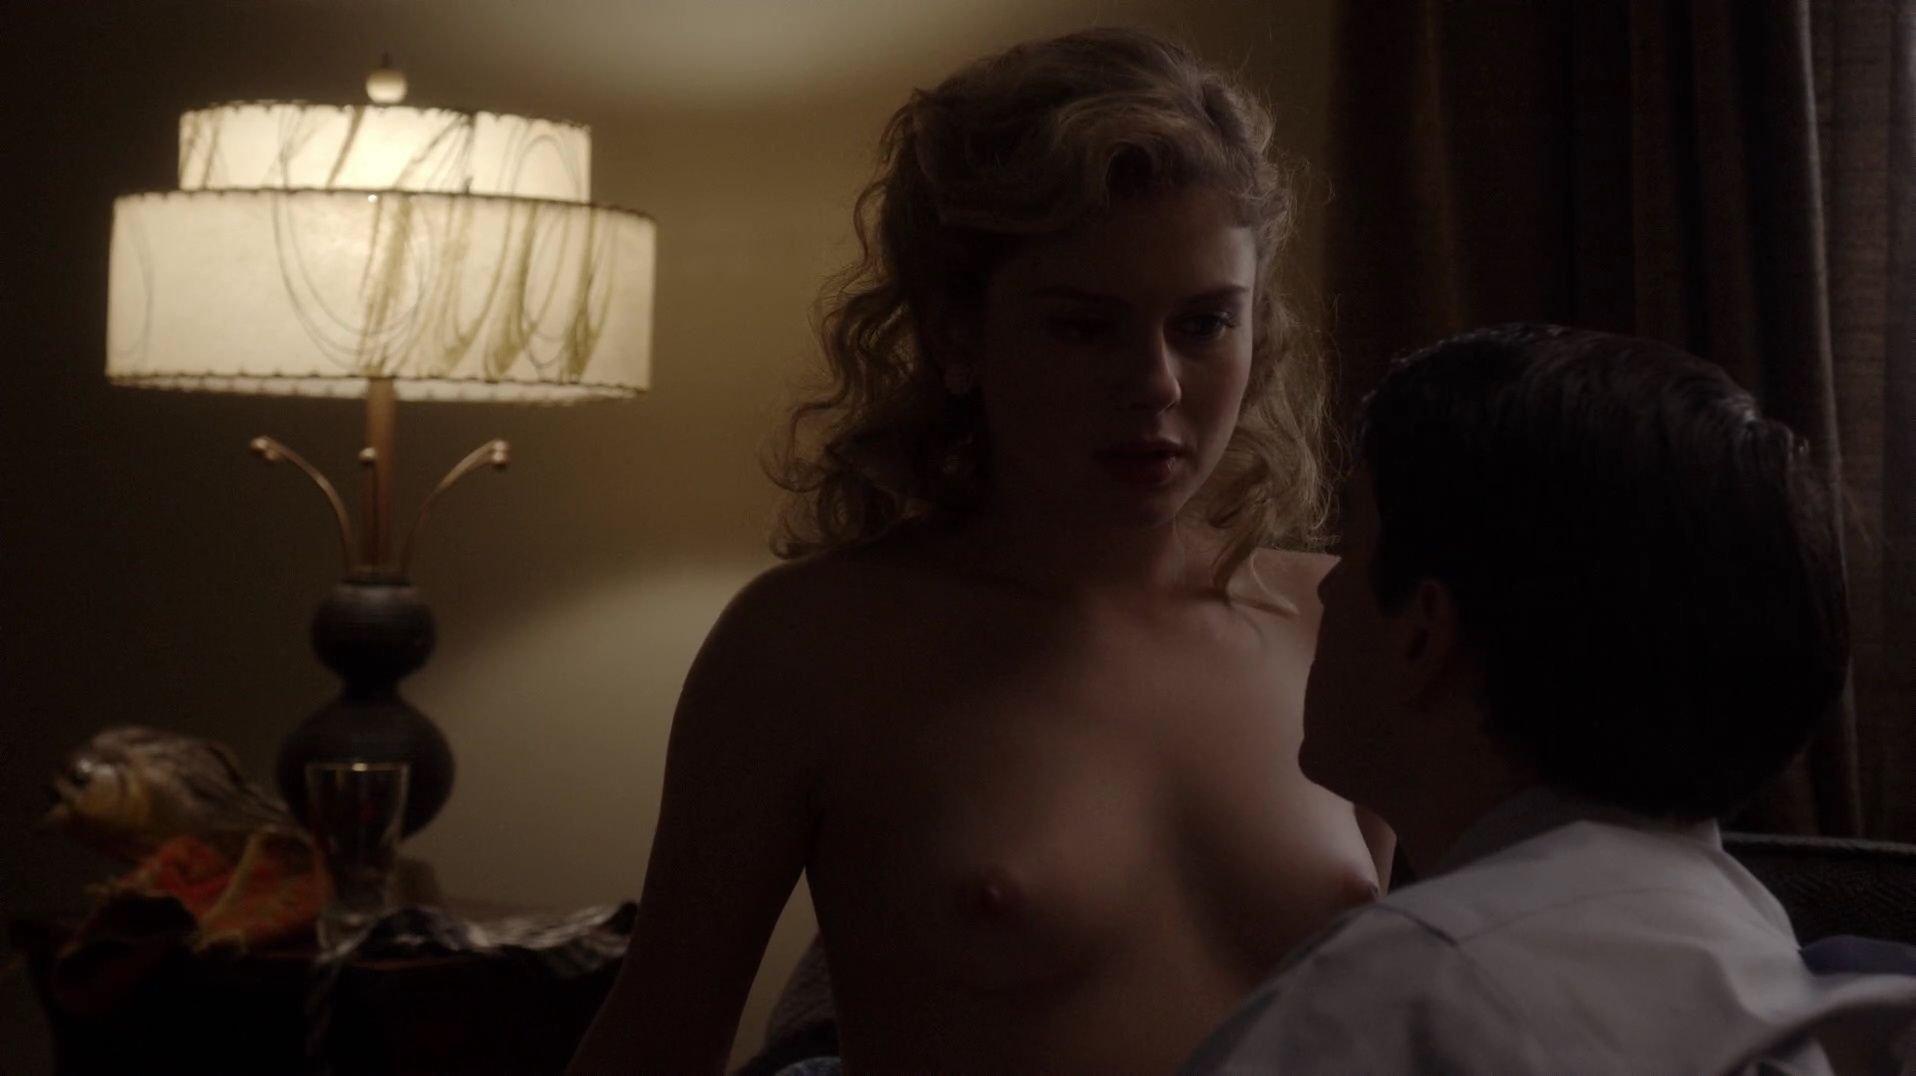 Couple fucking naked